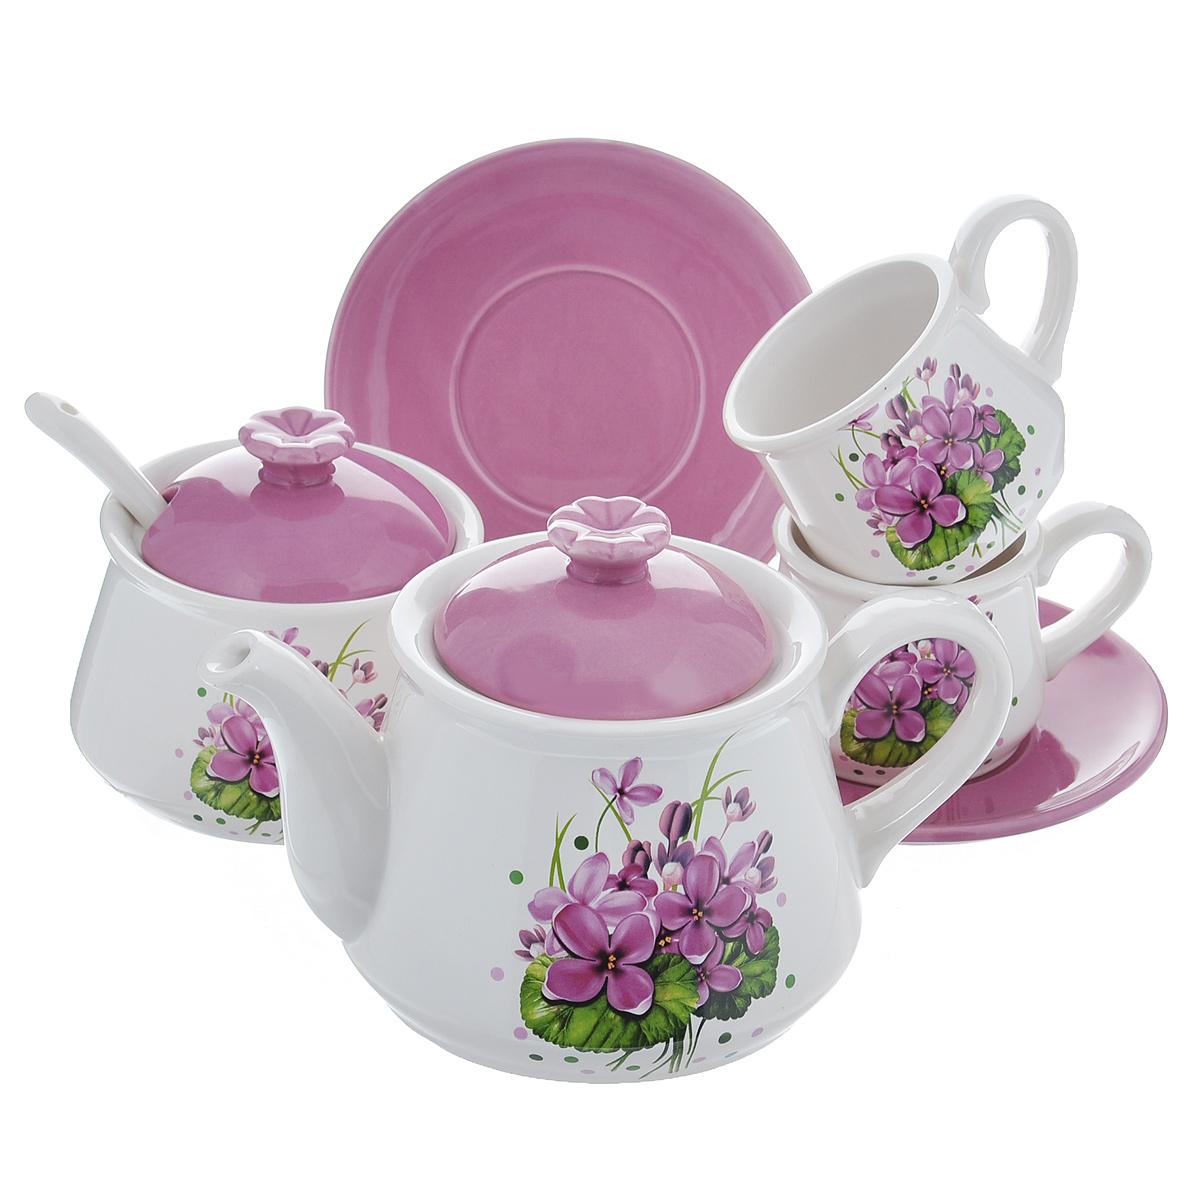 Набор чайный Нежные цветы, цвет: фиолетовый, белый, 7 предметовDFC01550/553/549-02212 7/SНабор чайный Нежные цветы состоит из двух чашек, заварочного чайника, сахарницы и ложечки. Набор выполнен из доломитовой керамики и декорирован изображением цветов. Оригинальный дизайн, эстетичность и функциональность набора позволят ему стать достойным дополнением к кухонному инвентарю. Можно мыть в посудомоечной машине на минимальной температуре. Объем чашки: 250 мл. Диаметр чашки (по верхнему краю): 8 см. Высота чашки: 7 см. Диаметр блюдца: 16 см. Объем сахарницы: 500 мл. Диаметр сахарницы (по верхнему краю): 11 см. Высота сахарницы (без учета крышки): 8 см. Объем чайника: 1,2 л. Диаметр чайника (по верхнему краю): 12 см. Высота чайника (без учета крышки): 11 см. Длина ложки: 16 см.